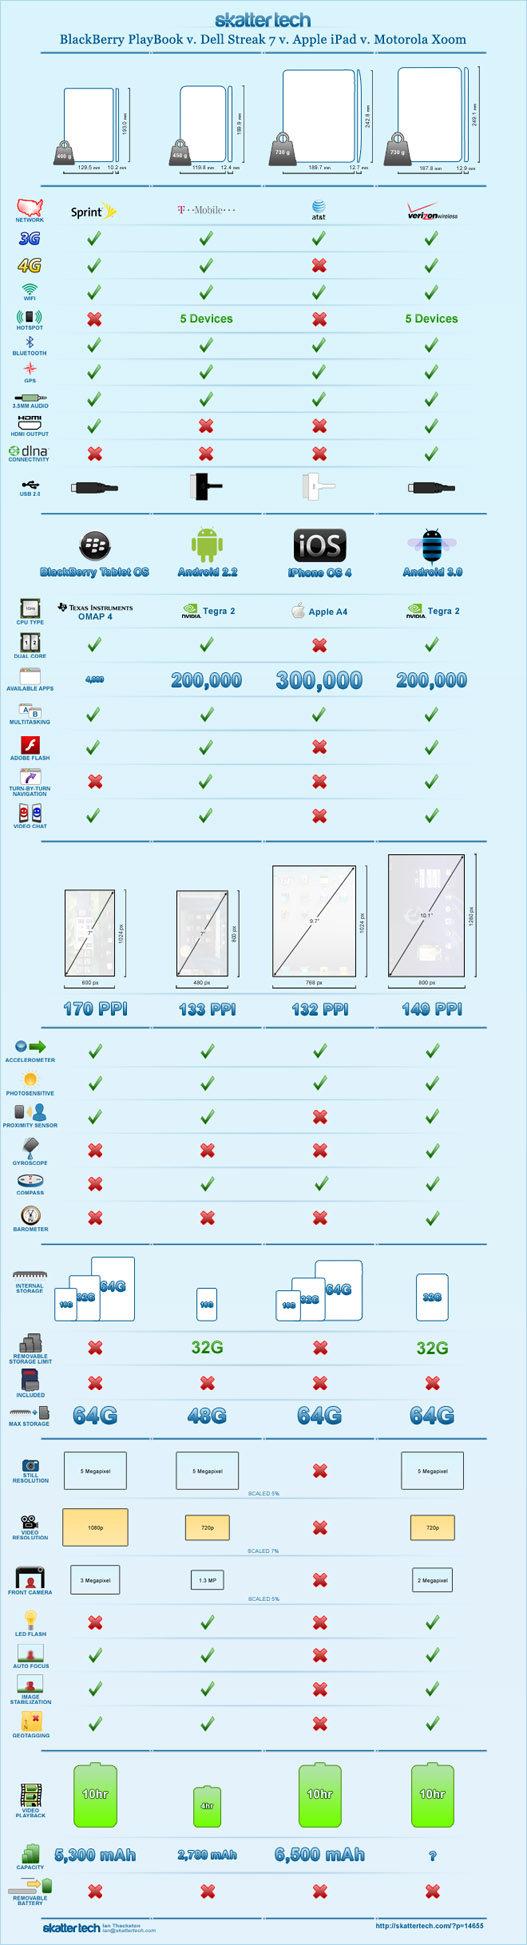 BlackBerry PlayBook Vs. Dell Streak 7 Vs. Apple iPad Vs. Motorola Xoom